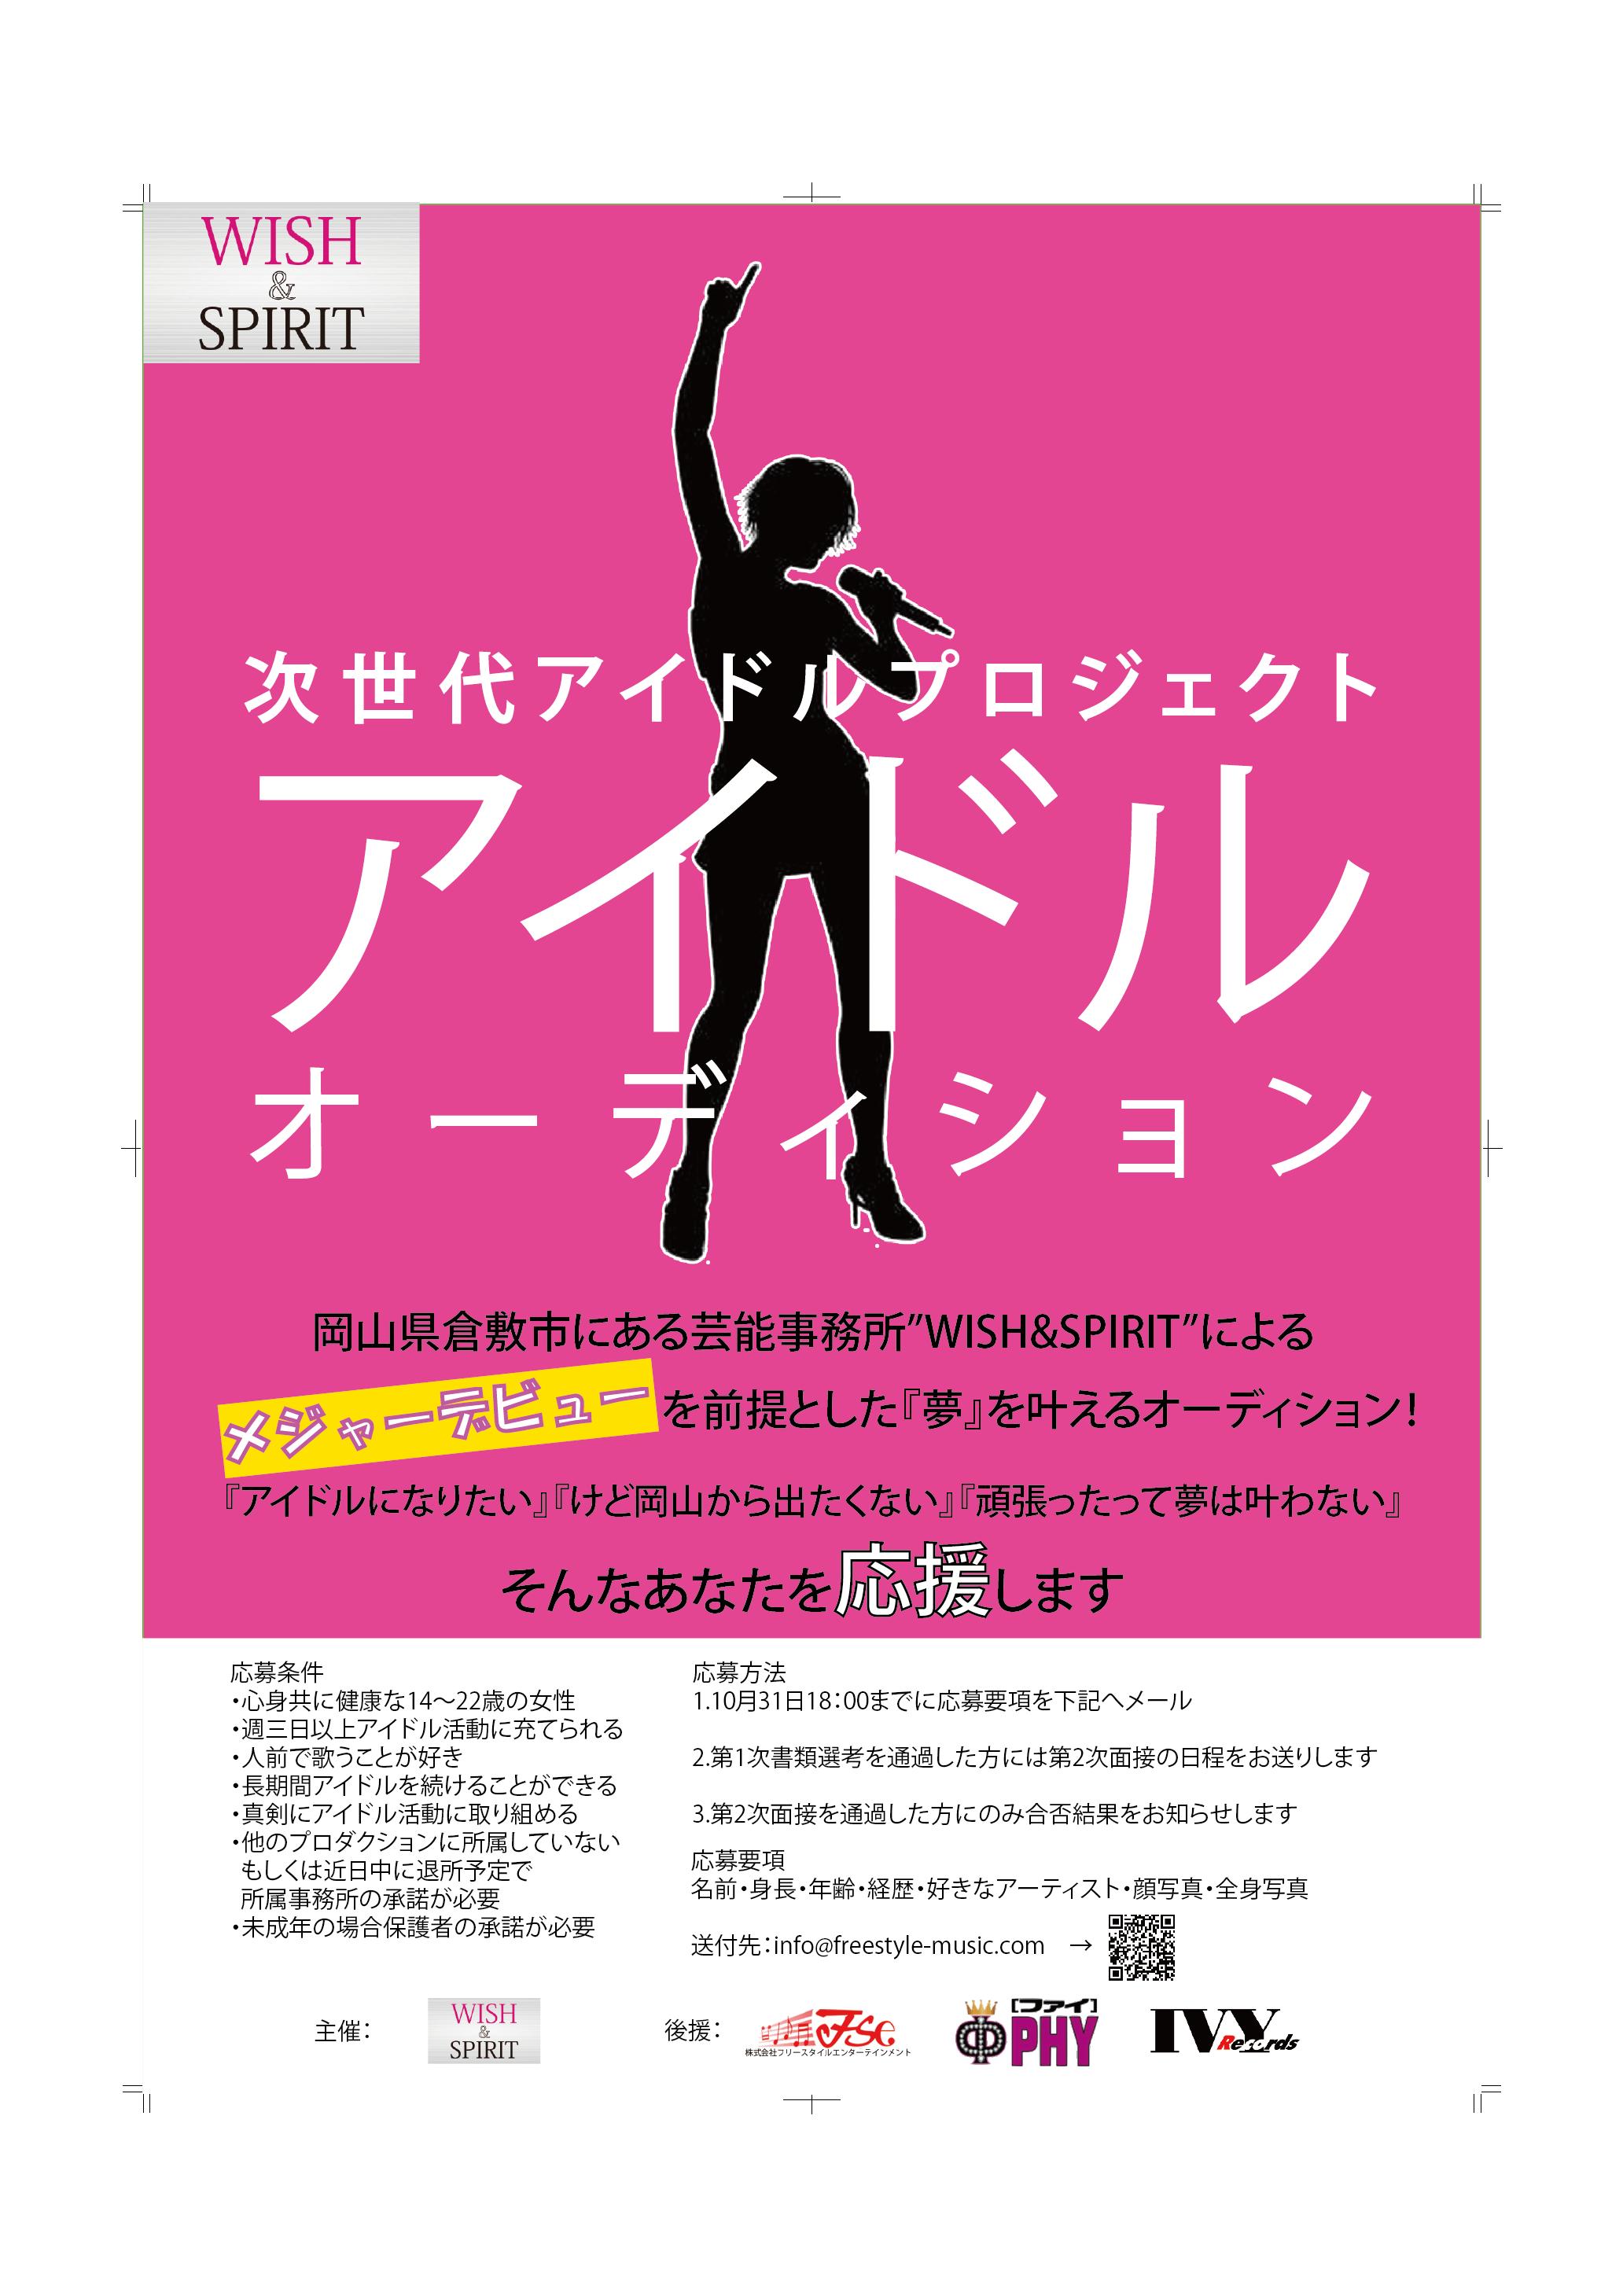 オーディション WISH&SPIRIT 次世代メジャーアイドルオーディション 主催:WISH&SPIRIT、カテゴリ:アイドル(東京以外)